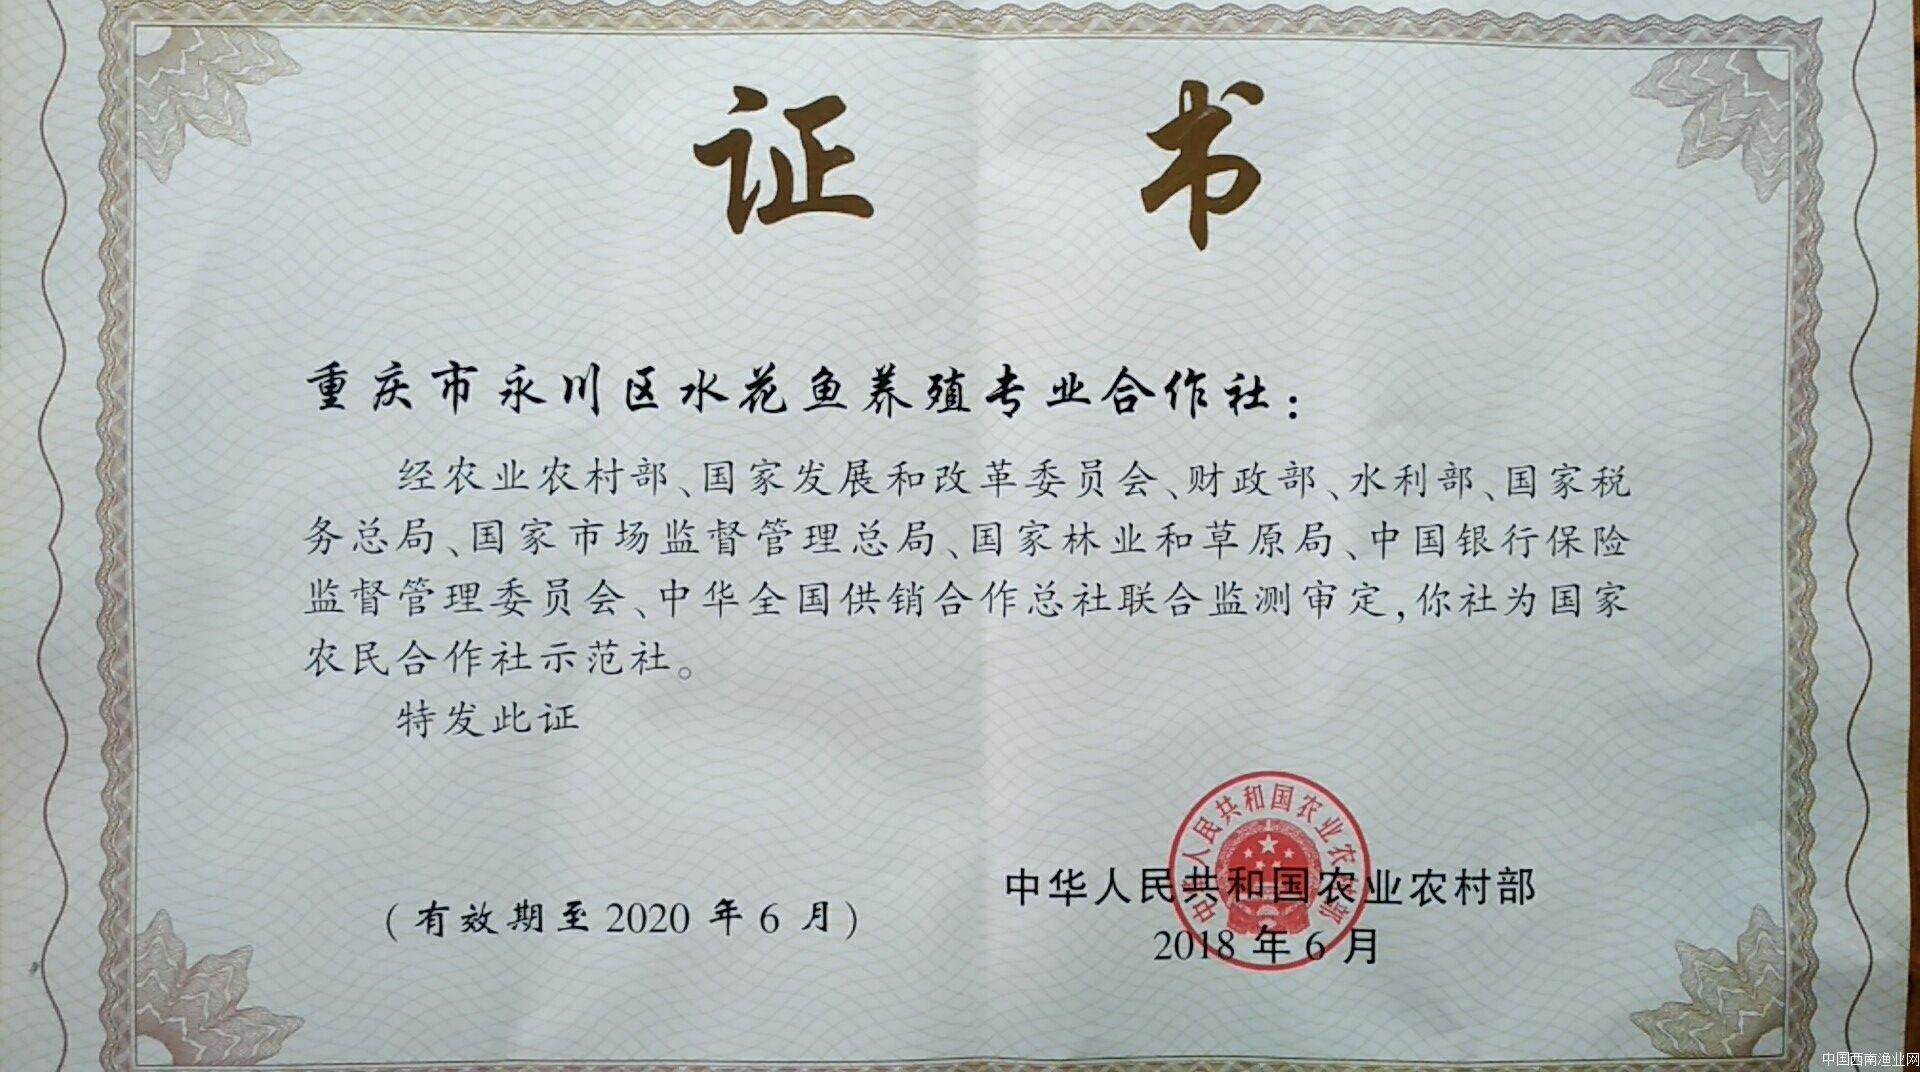 国家农民合作社示范社